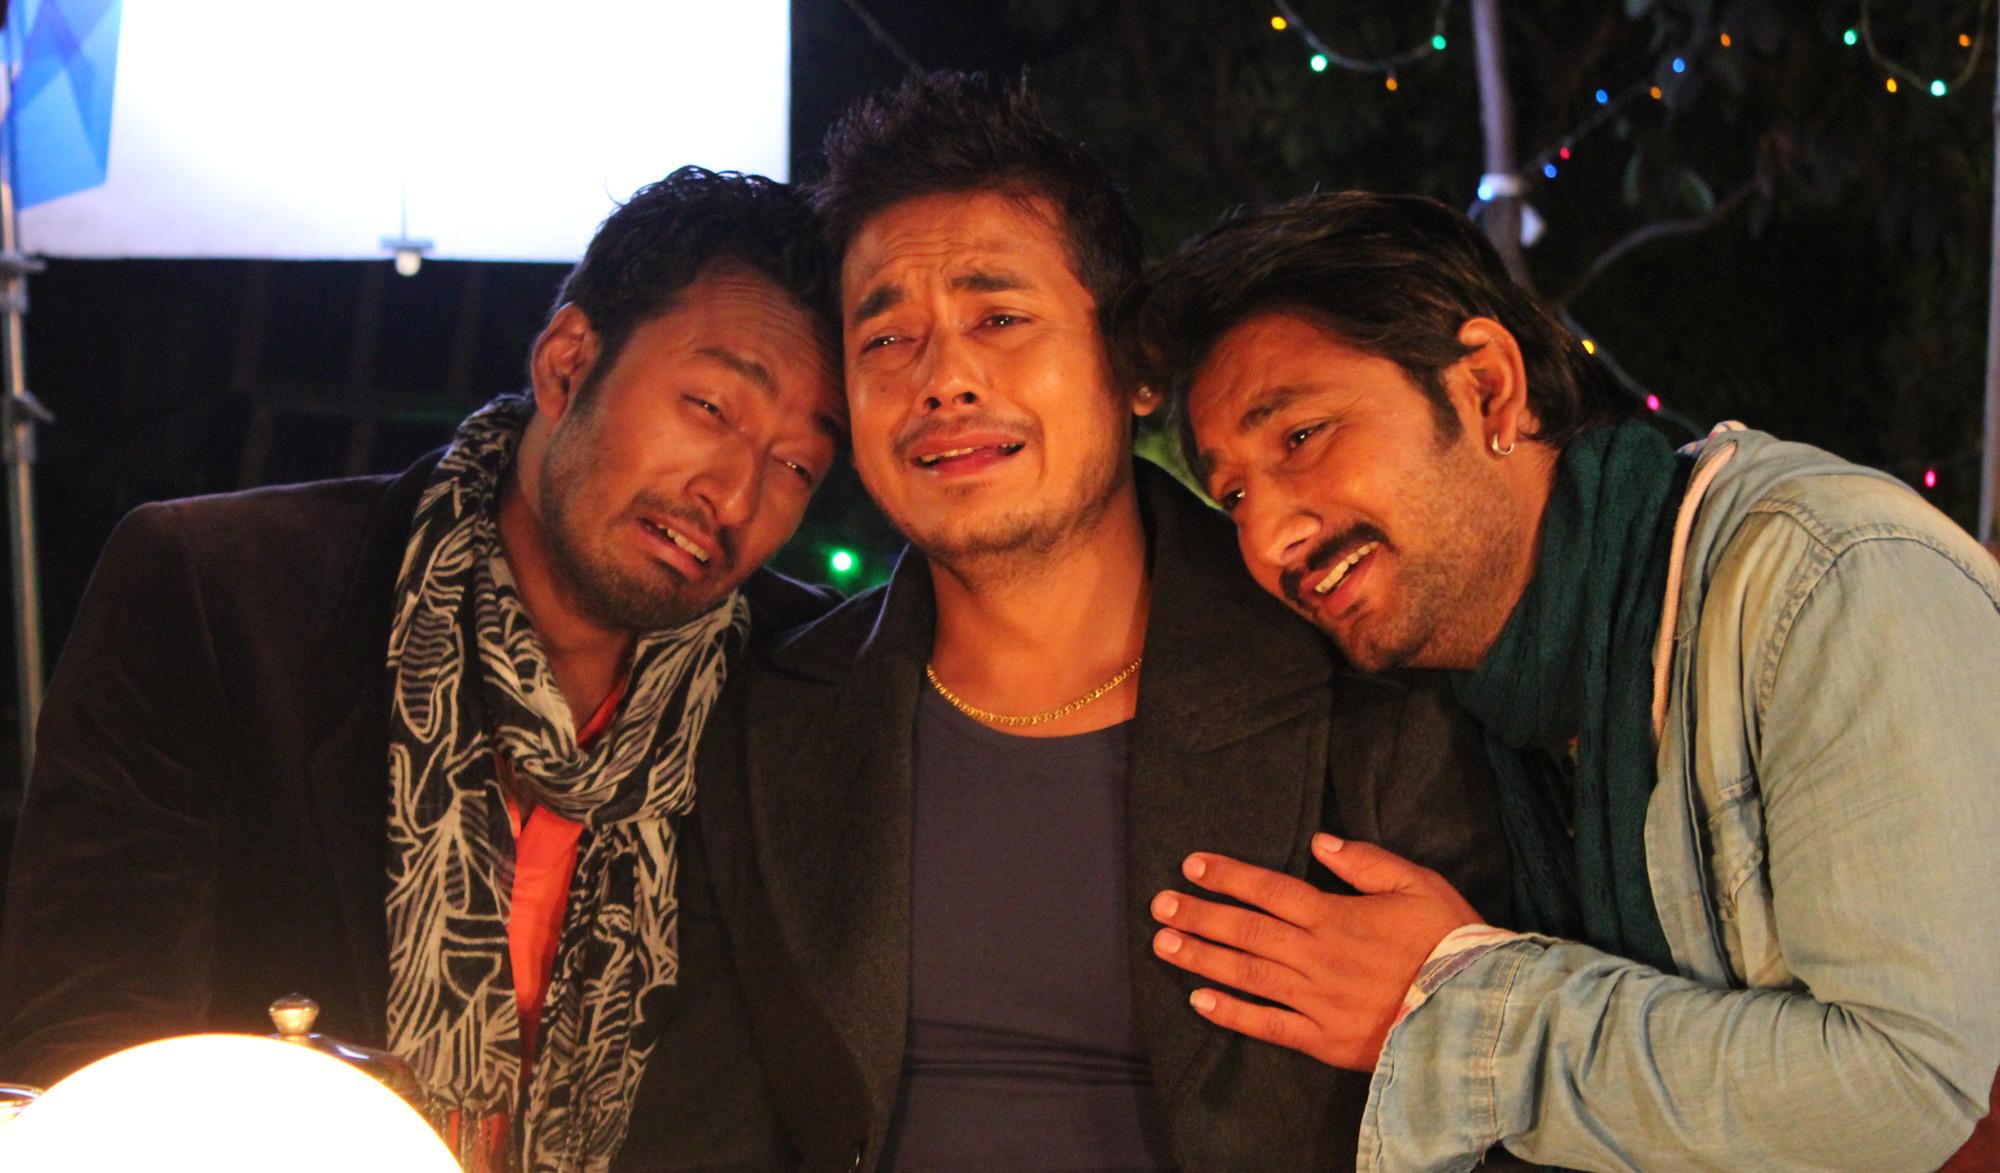 chankhe Shankhe Pankhe for Media